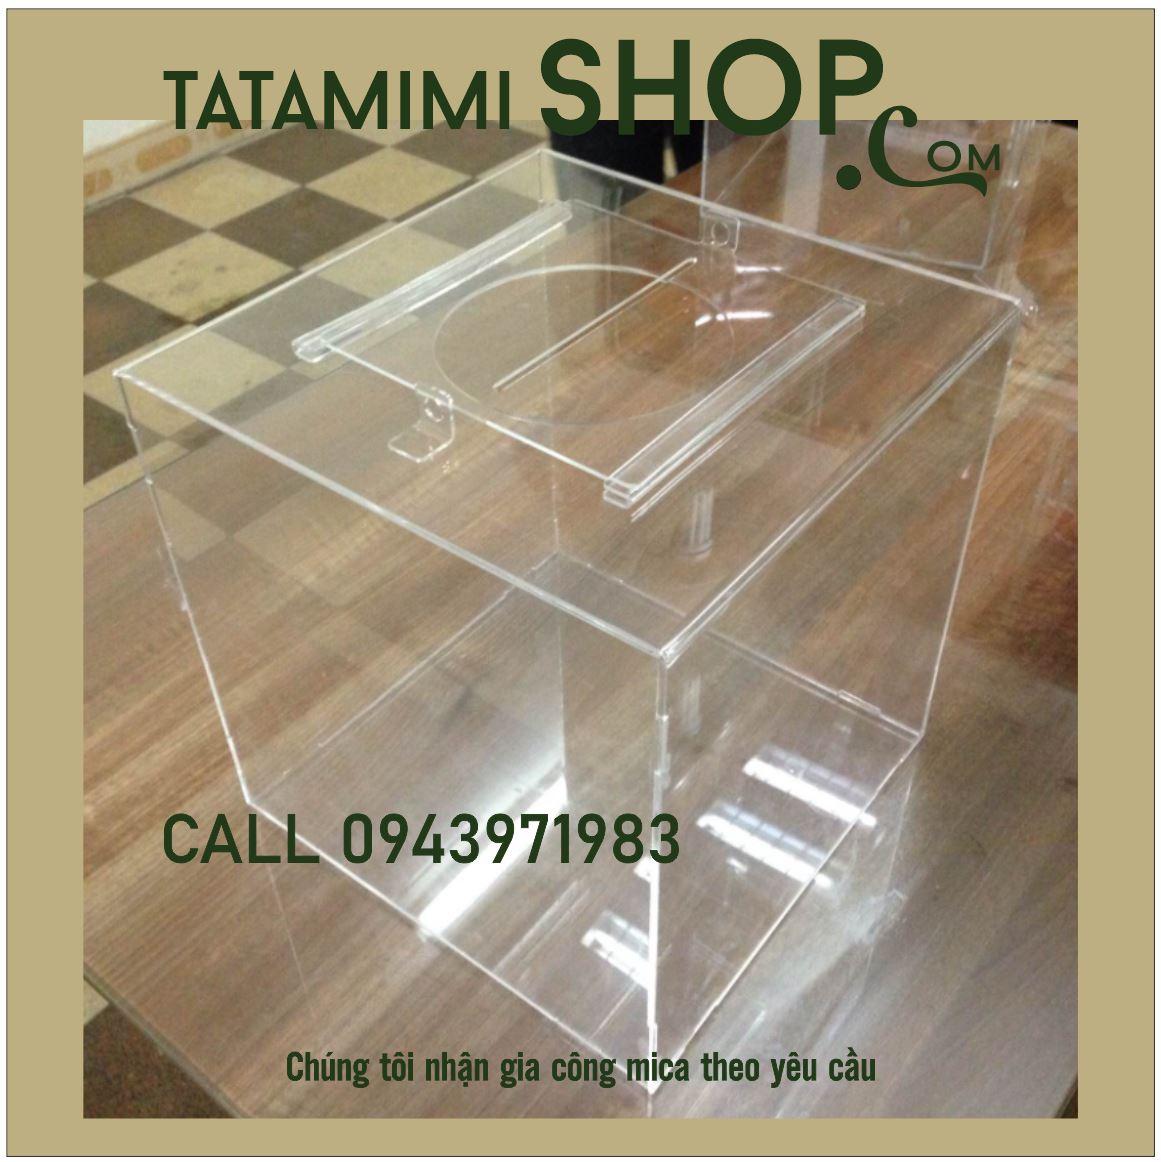 Thùng mica bỏ phiếu kích thước 40x40x40 (cm)-Loại 2MM   TATAMIMI SHOP